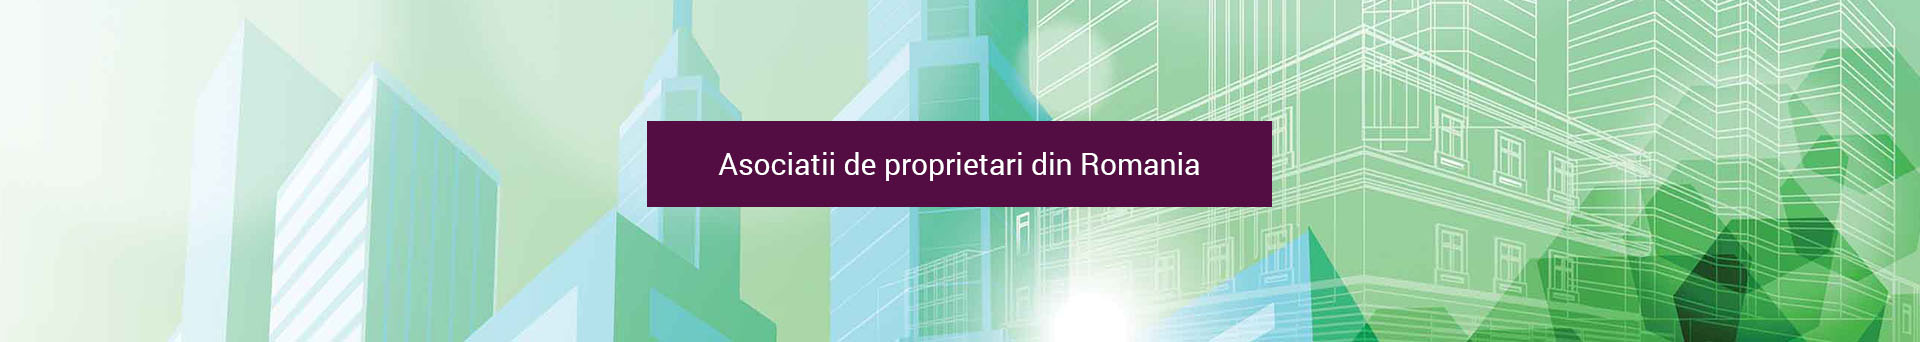 Asociatii de proprietari din Romania